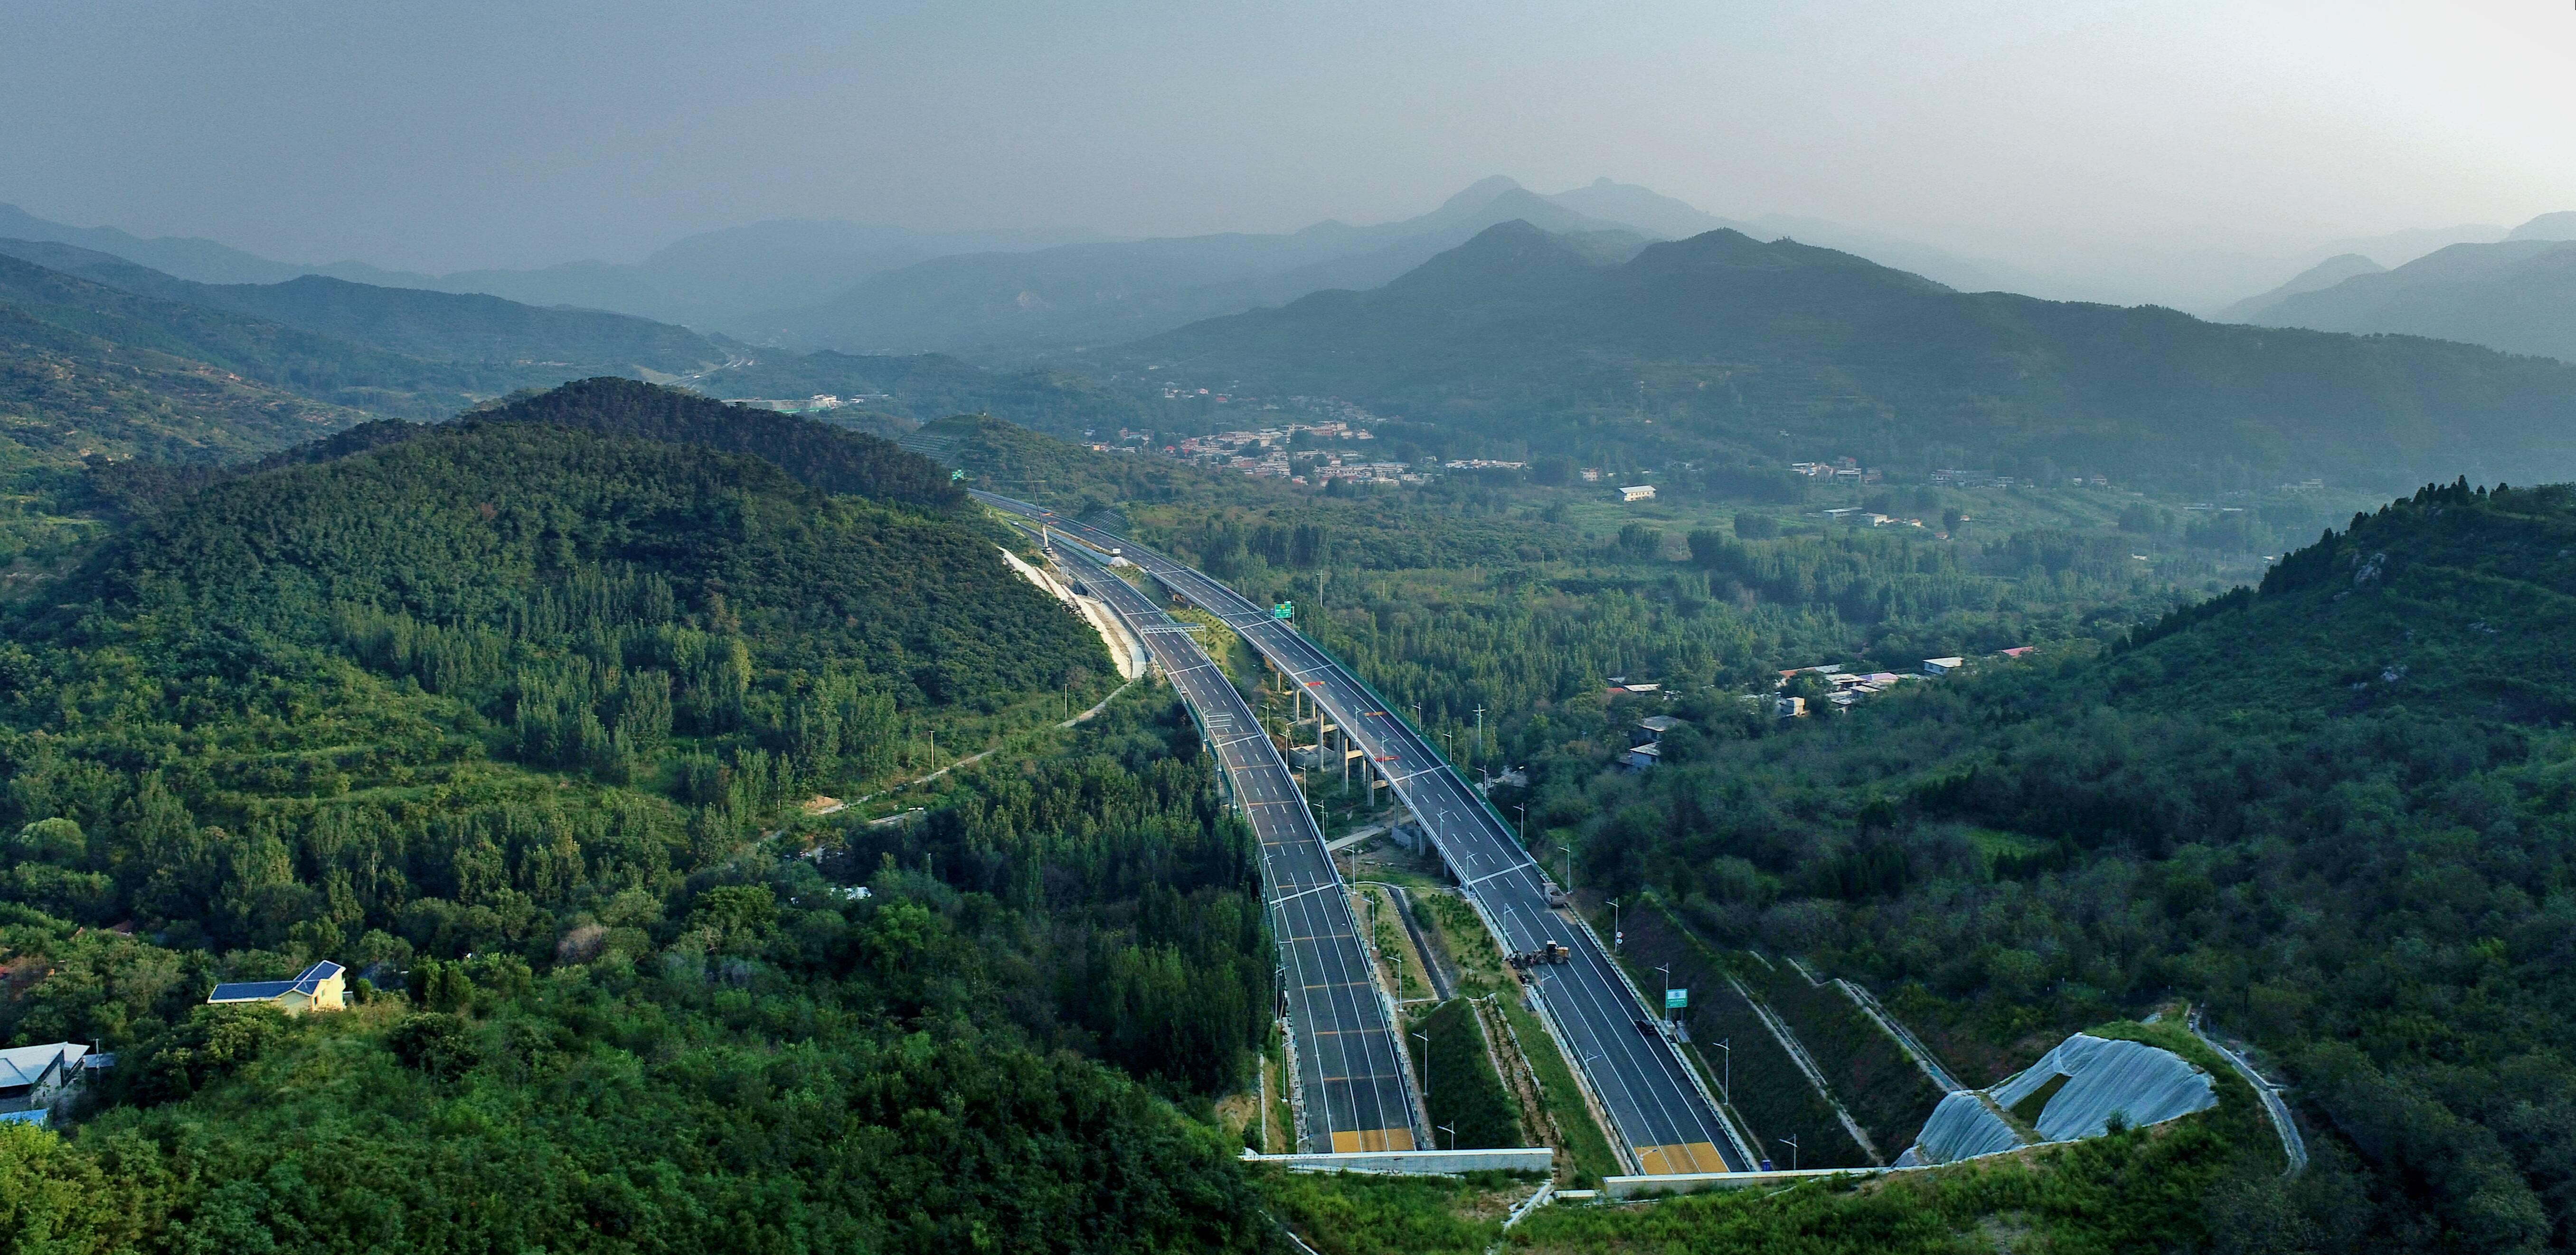 济泰高速10月27日通车!济南到泰安仅需半个小时